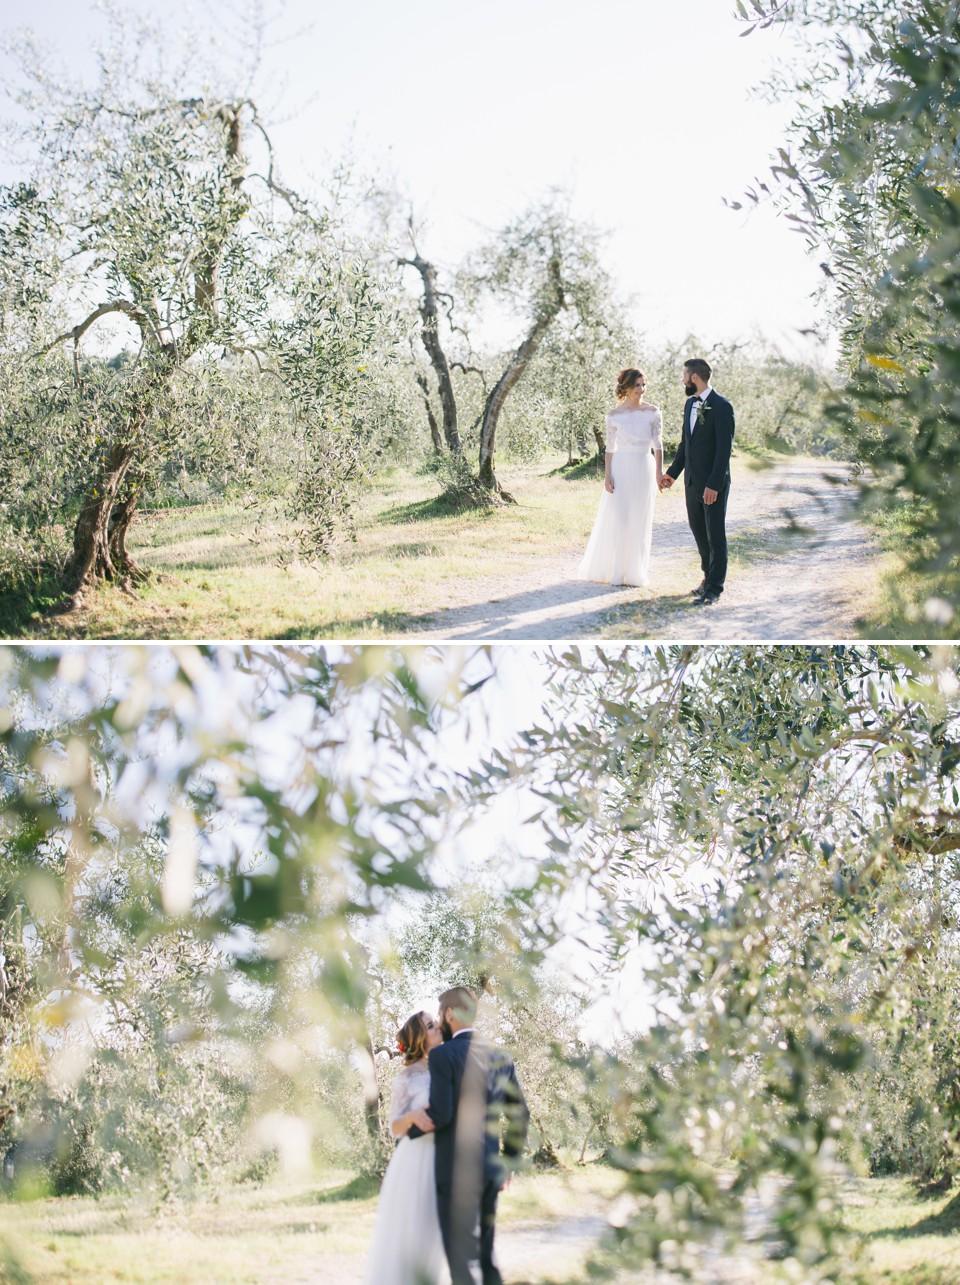 Fotoworkshop Hochzeitsfotograf in der Toskana | organisiert von FORMA Photography und Marie & Michael Photography